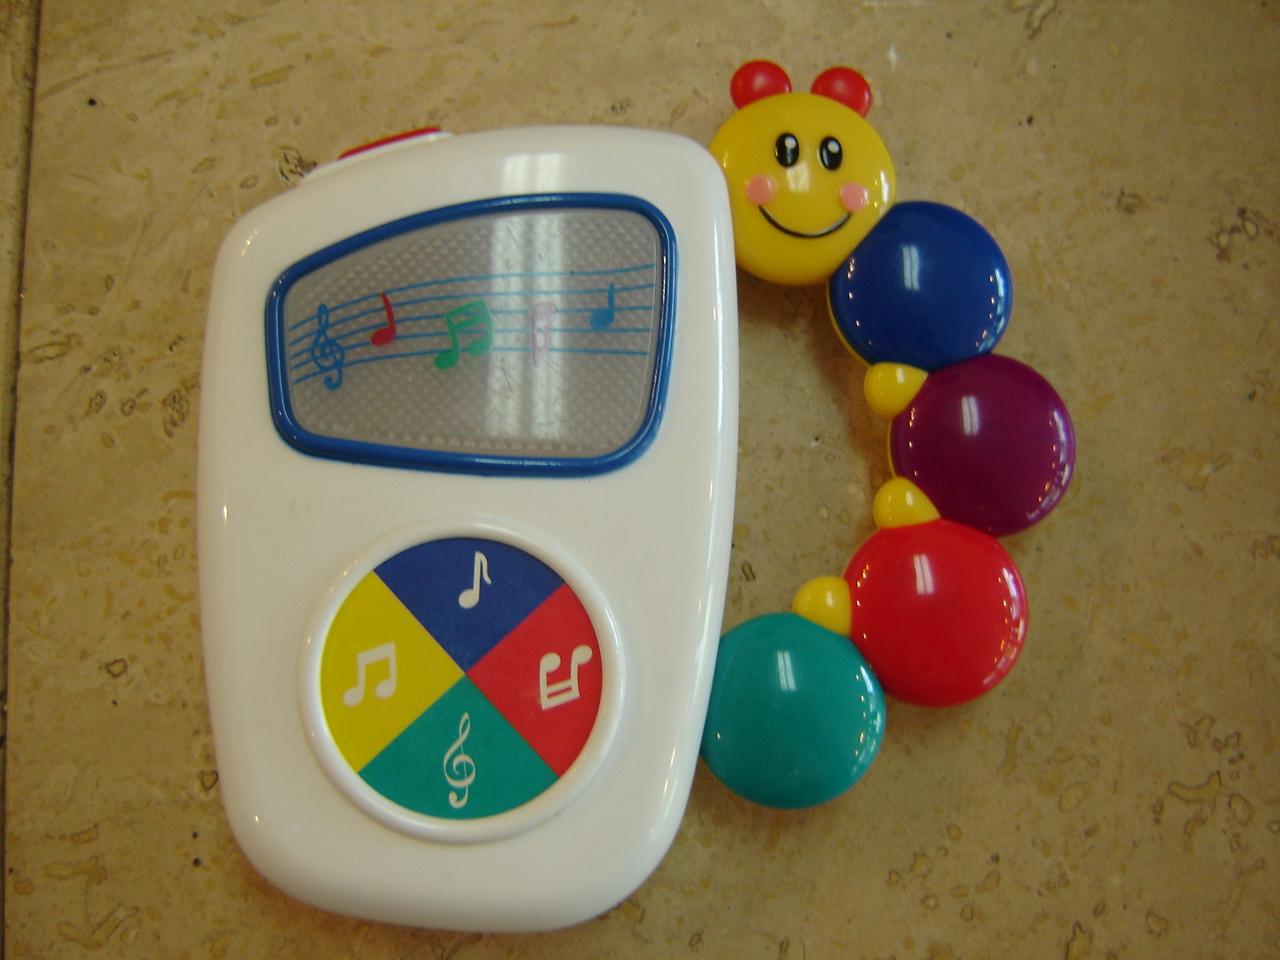 Baby Einstein Musical Toys : Baby einstein musical handheld radio toy rattle ebay